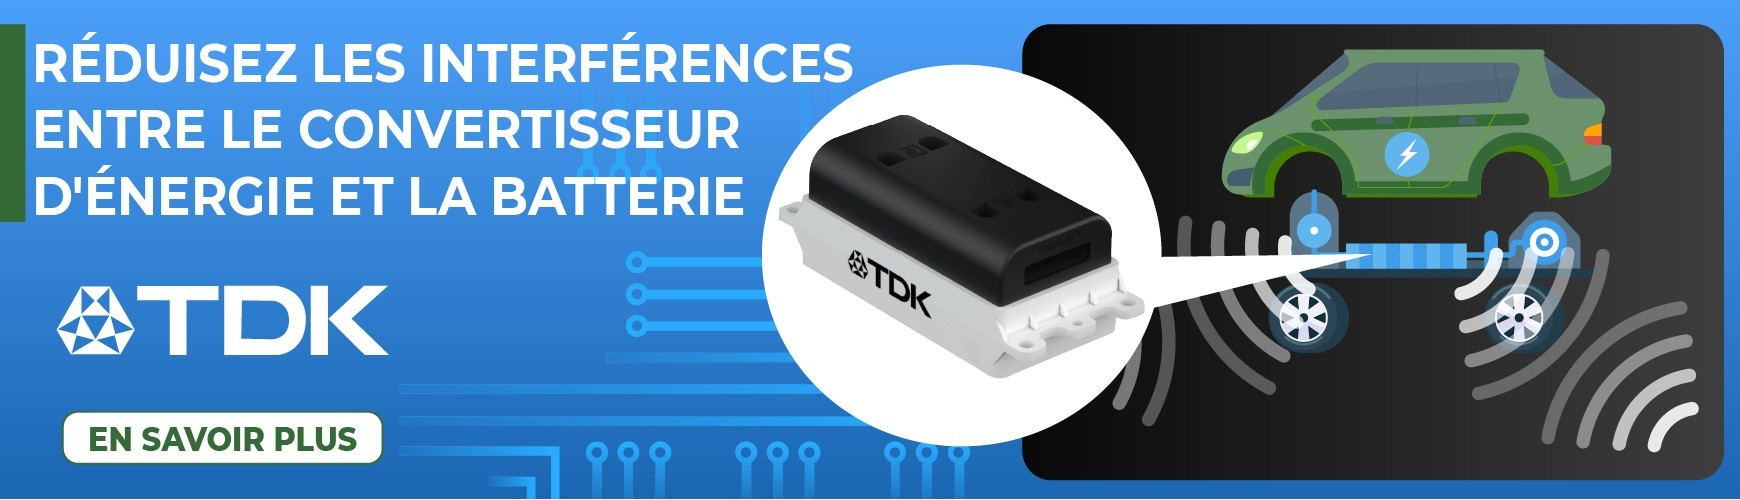 TDK pose le nouveau standard en matière de filtres EMI